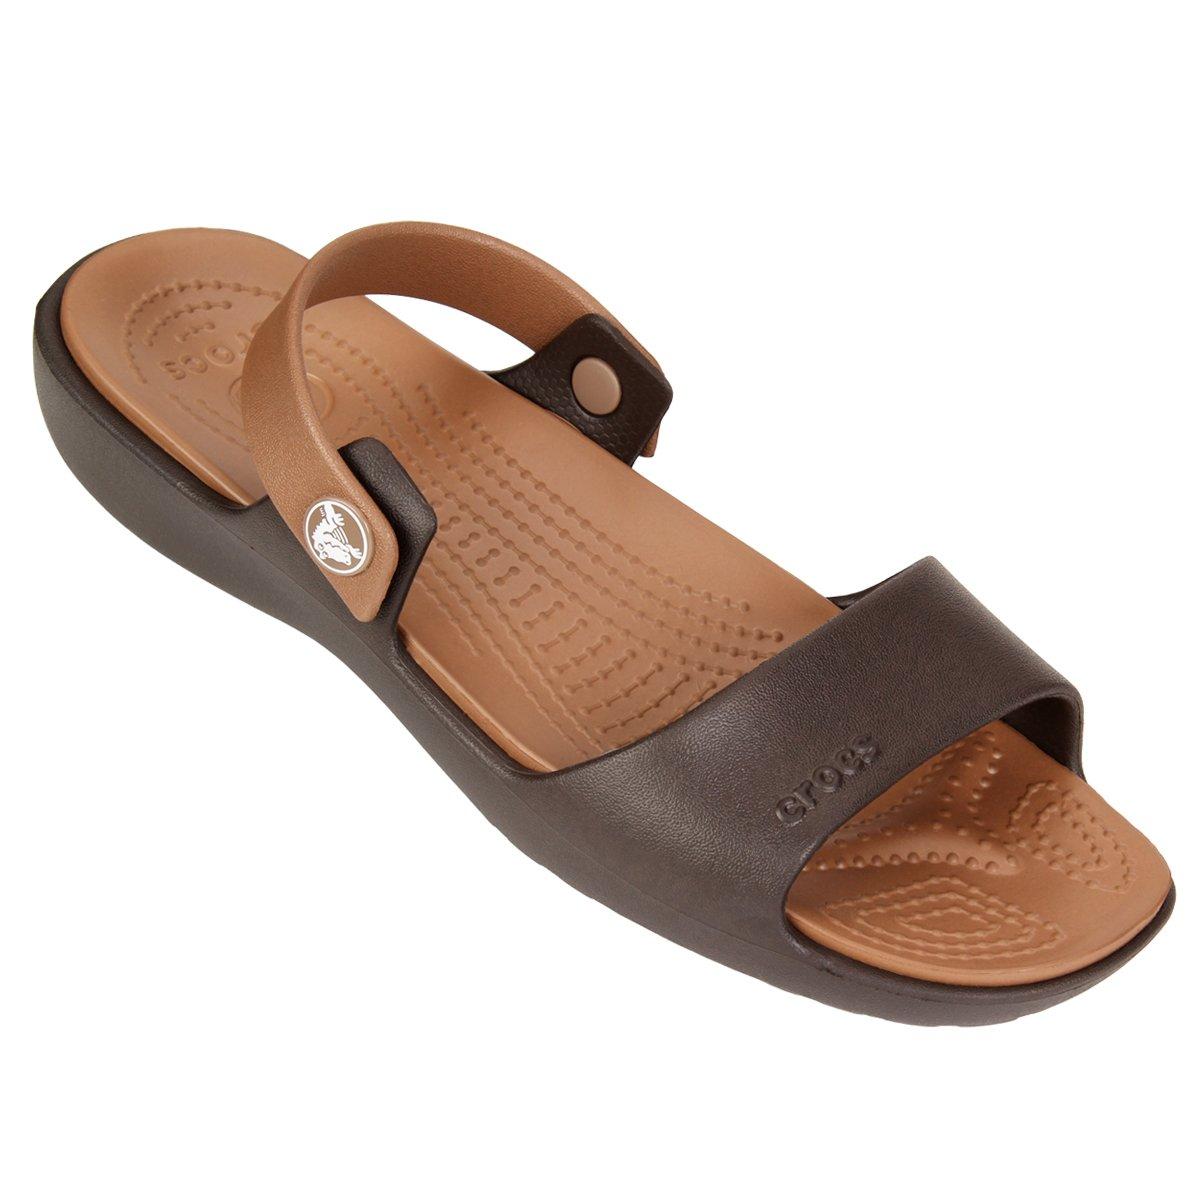 eaa9d3e0df0 Sandália Crocs Coretta - Compre Agora